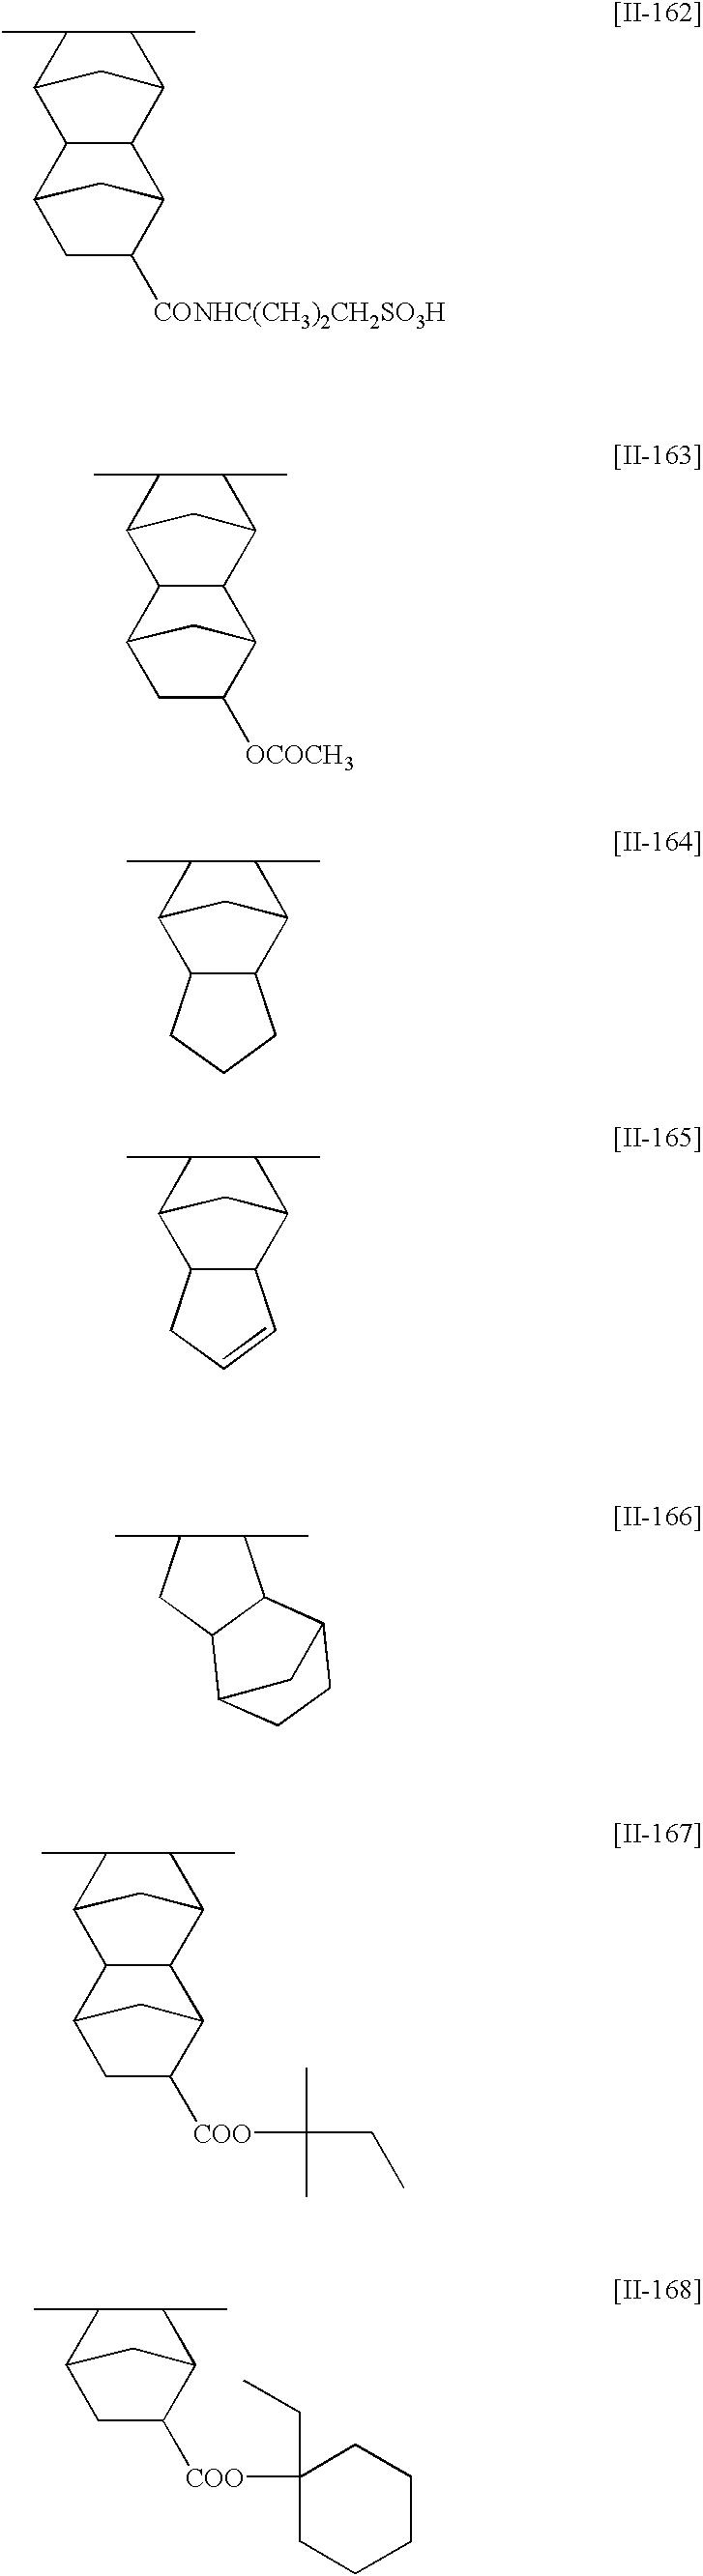 Figure US20030186161A1-20031002-C00087